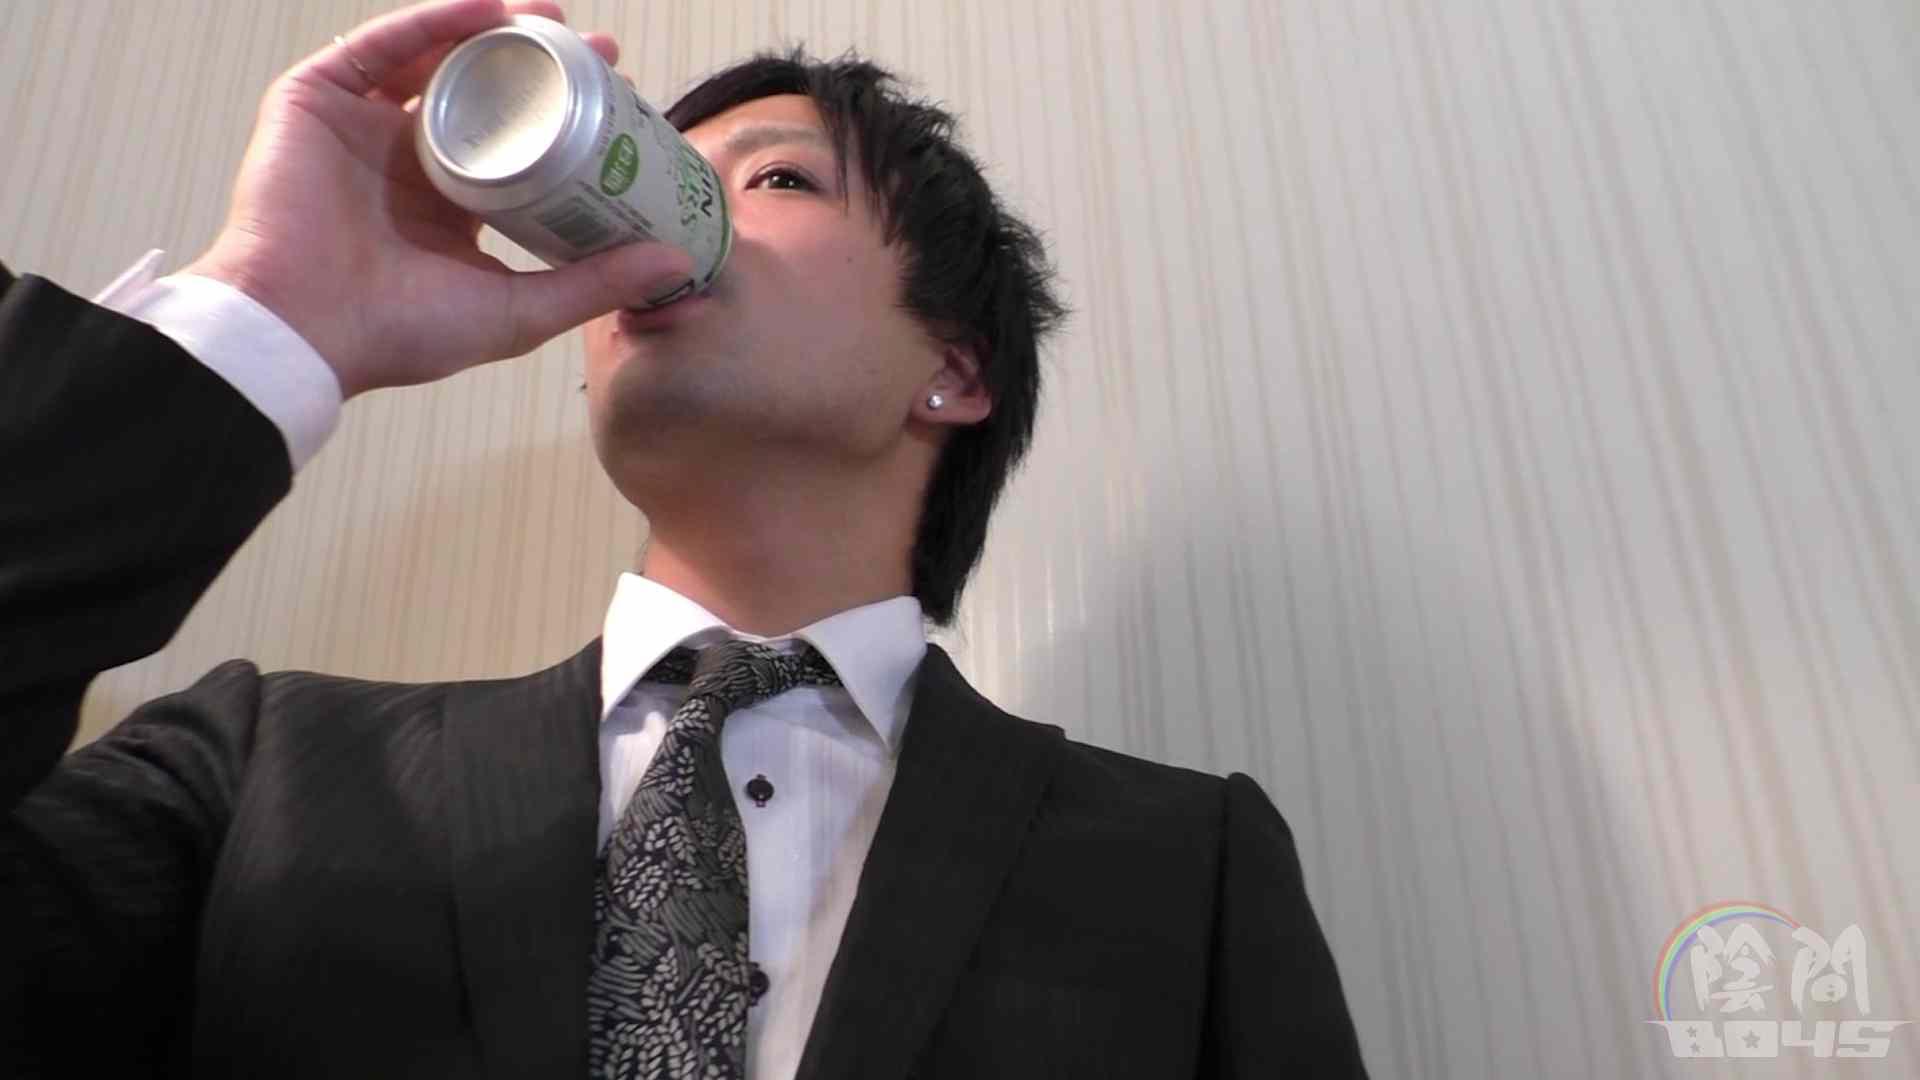 """キャバクラの仕事は""""アナル""""から1 Vol.03 HTDV ゲイエロビデオ画像 76pic 30"""